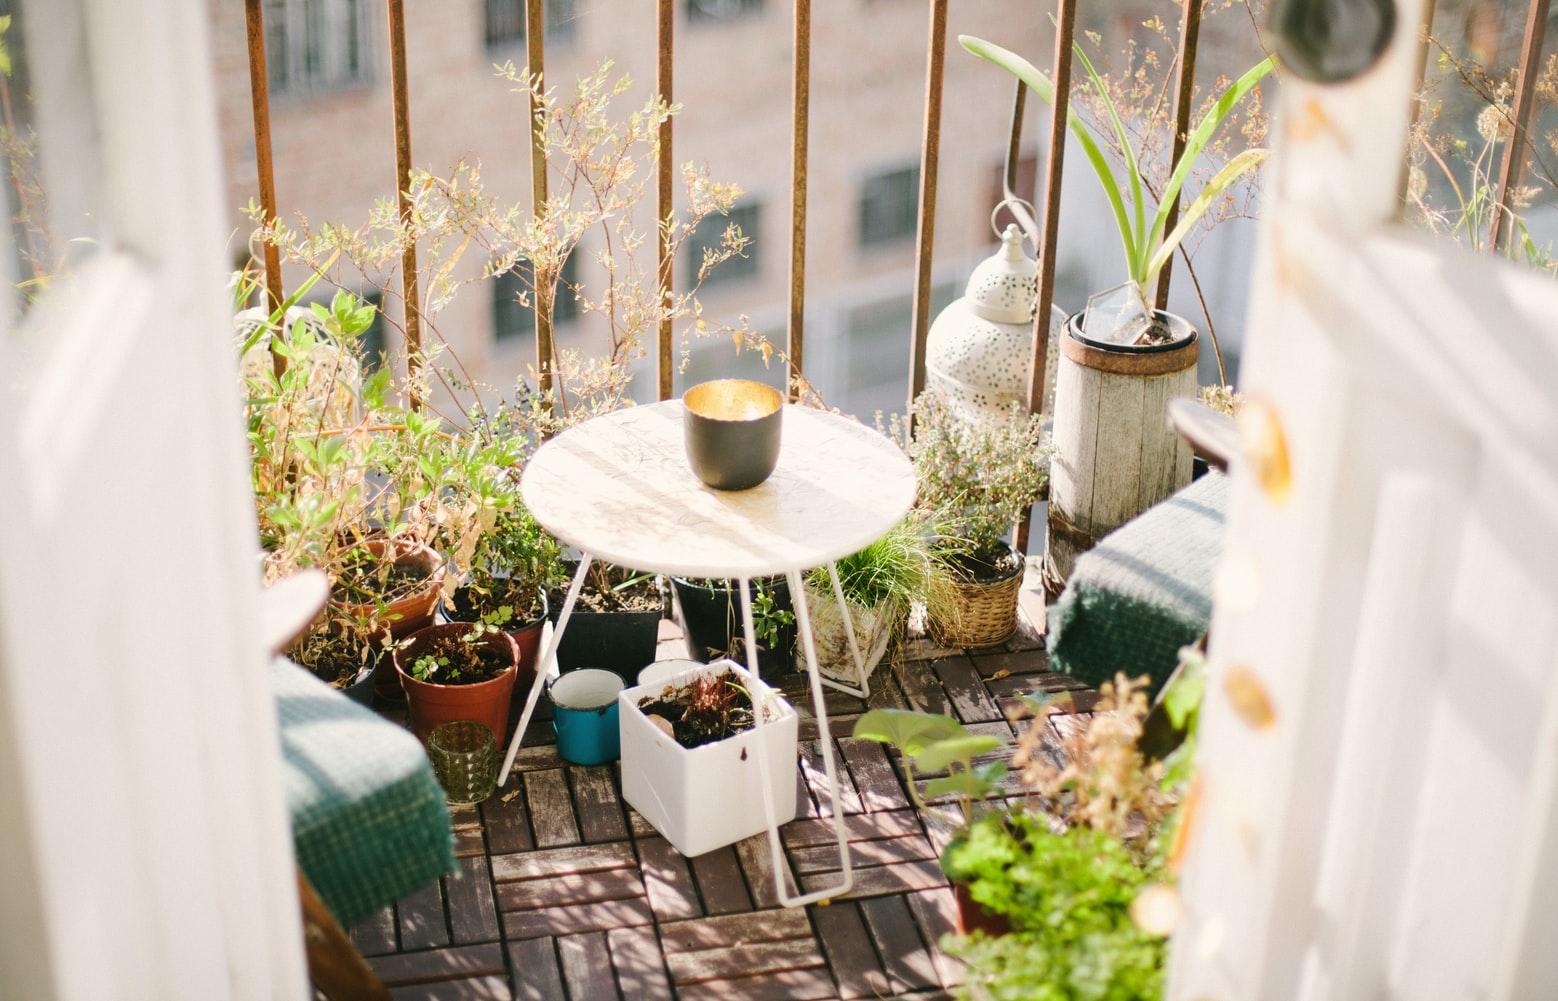 Comment aménager son balcon ou sa petite terrasse après l'hiver ? 8